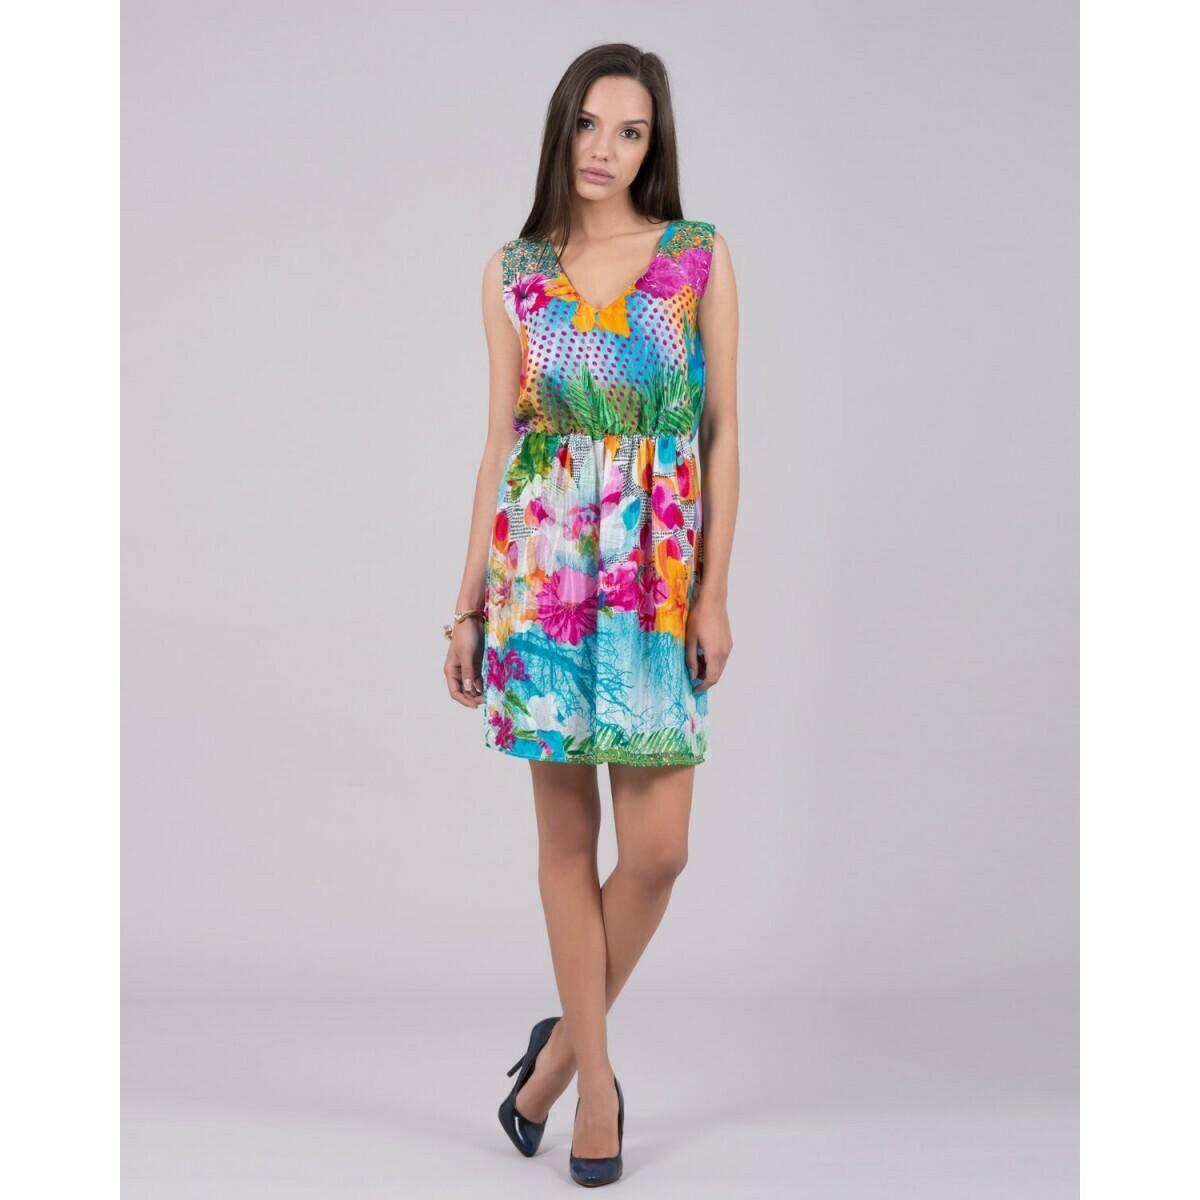 Multicolor floral dress